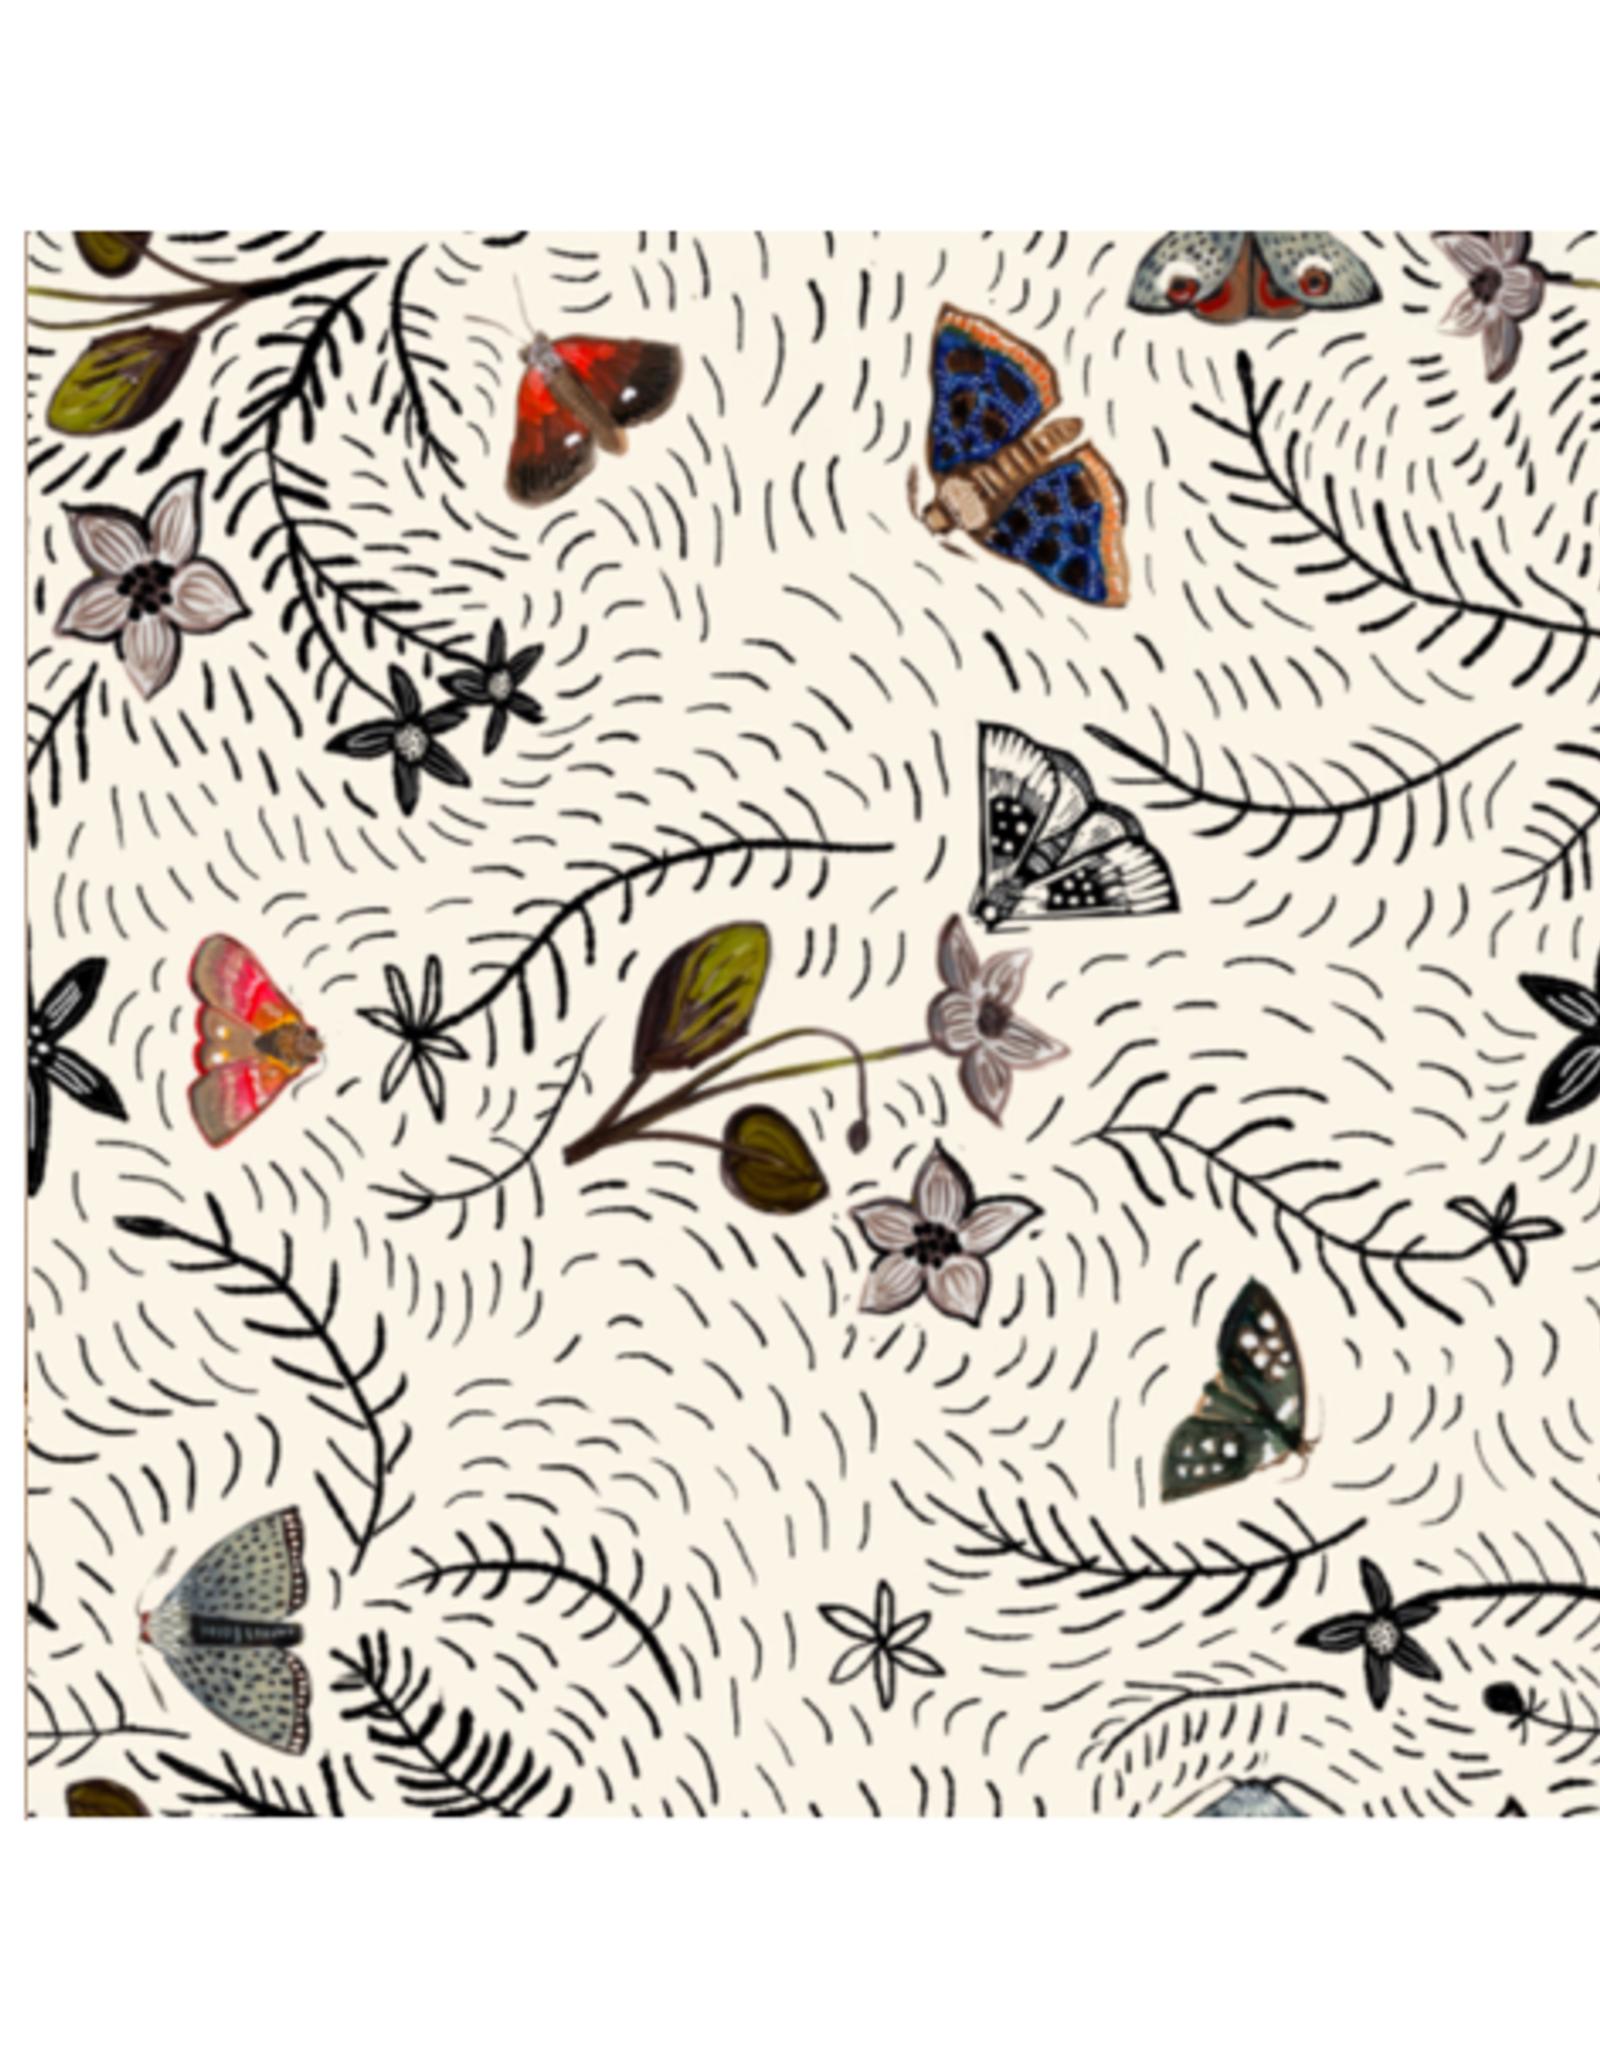 Briana Corr Scott - Card / Moths & Hellebore, 4 x 6